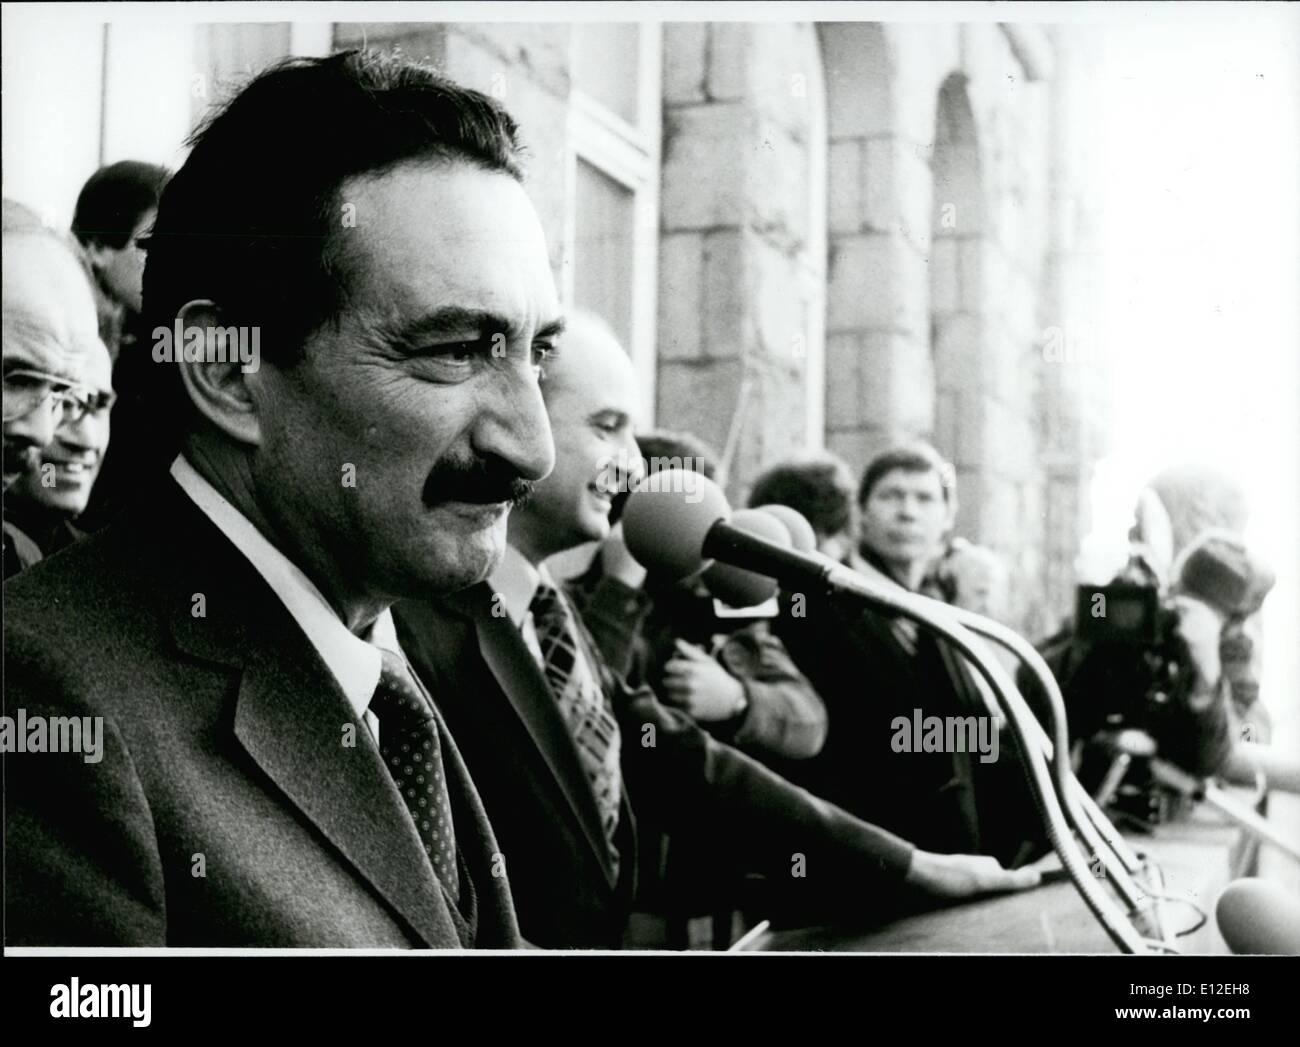 Le 16 décembre 2011 - Le chef de l'opposition de la Turquie ecevit a passé une visite à Hambourg/Allemagne de l'Ouest; par le Inviatated Hambourg Parti Social-démocrate d'Allemagne, le leader de l'opposition turque Buelent Ecevit a passé deux jours à visiter à Hambourg dès maintenant. Au cours de cette, l'ancien Premier Ministre de la Turquie a prononcé un discours d'environ 5000 de ses compatriotes travaillant dans l'Allemagne de l'Ouest. Photo montre Buelent Ecevit en parlant pour les hommes turcs à Hambourg. Photo Stock